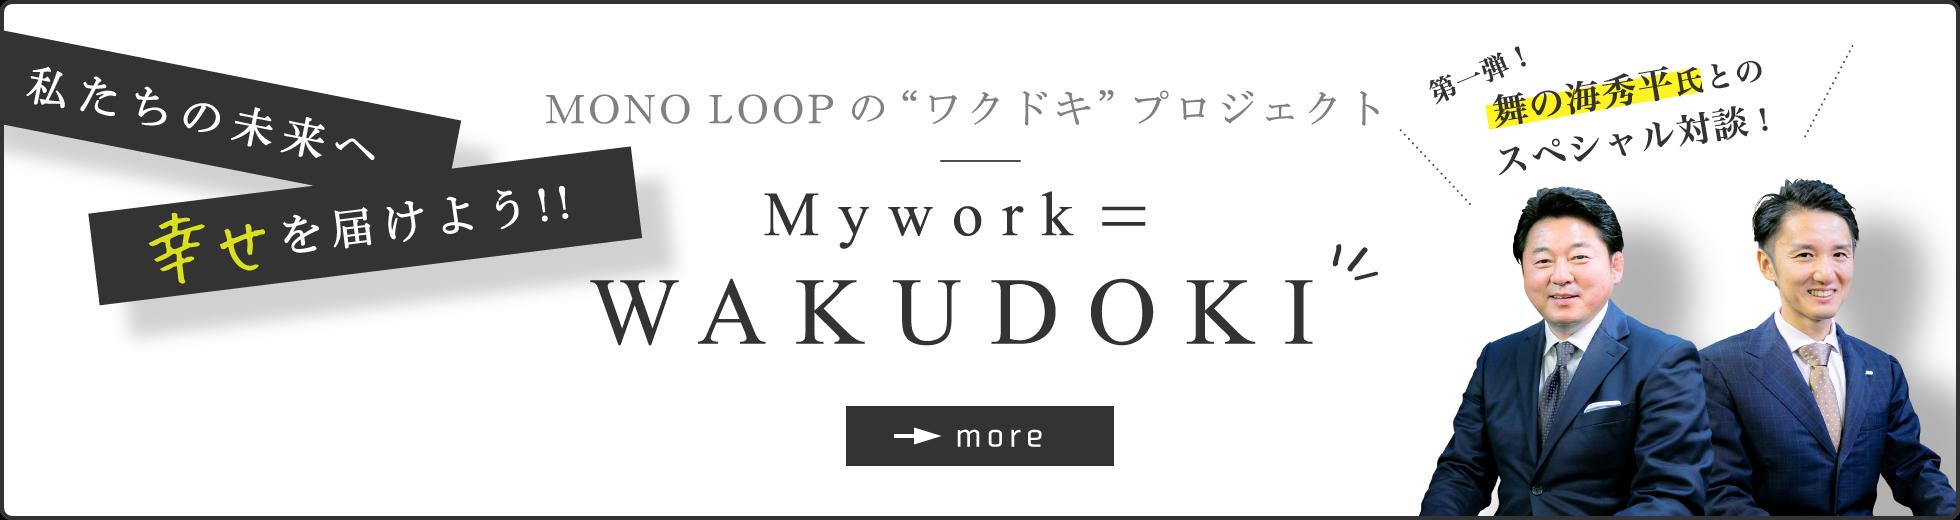 """私たちの未来へ幸せを届けよう!!MONO LOOP(モノ・ループ)の""""ワクドキ""""プロジェクト / 舞の海秀平氏とのスペシャル対談!"""